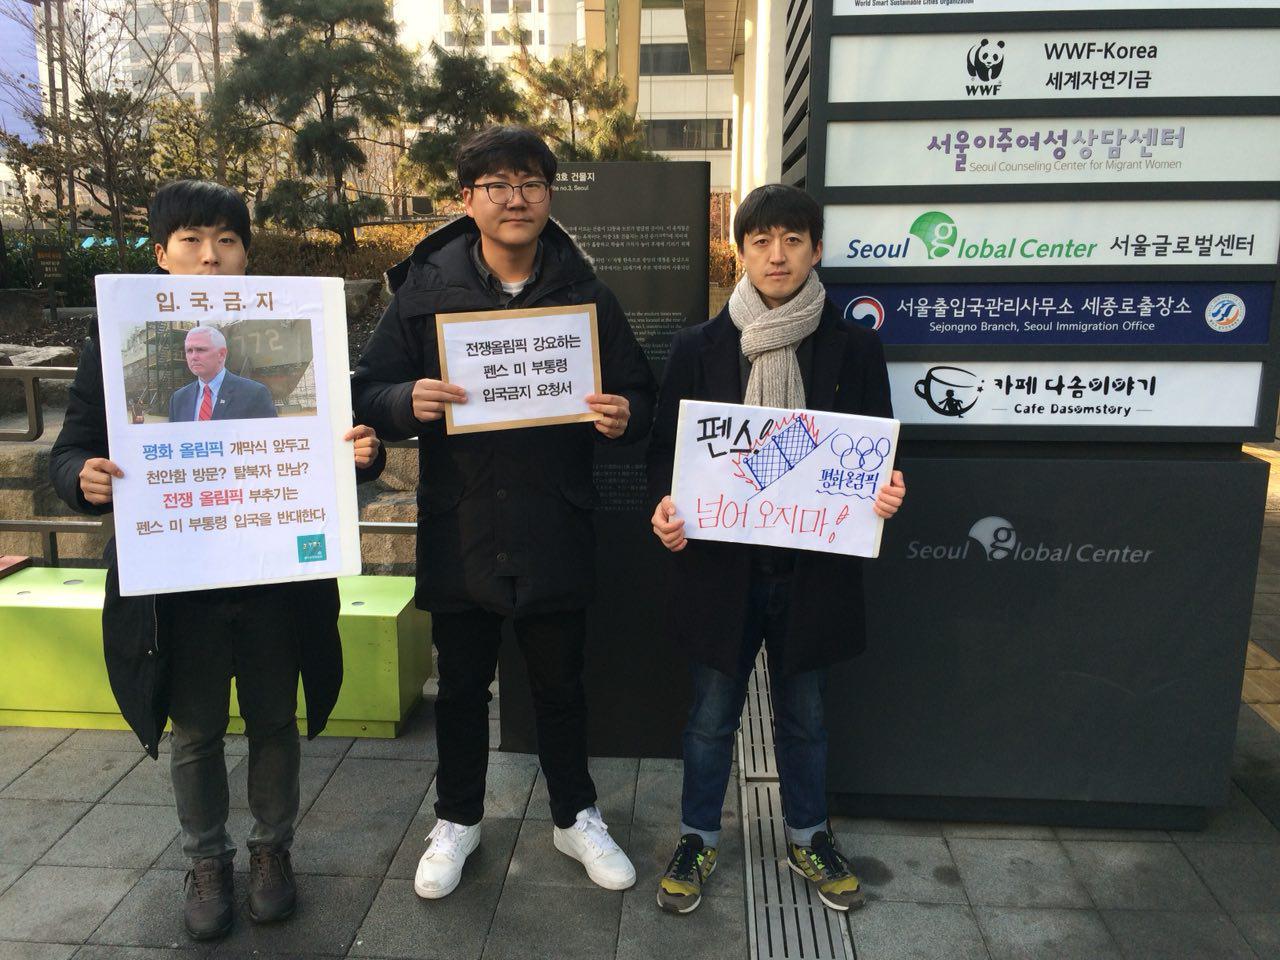 서울 출입국관리소 앞 기자회견 펜스 부통령 입국금지 요청 회견을 하고 있다